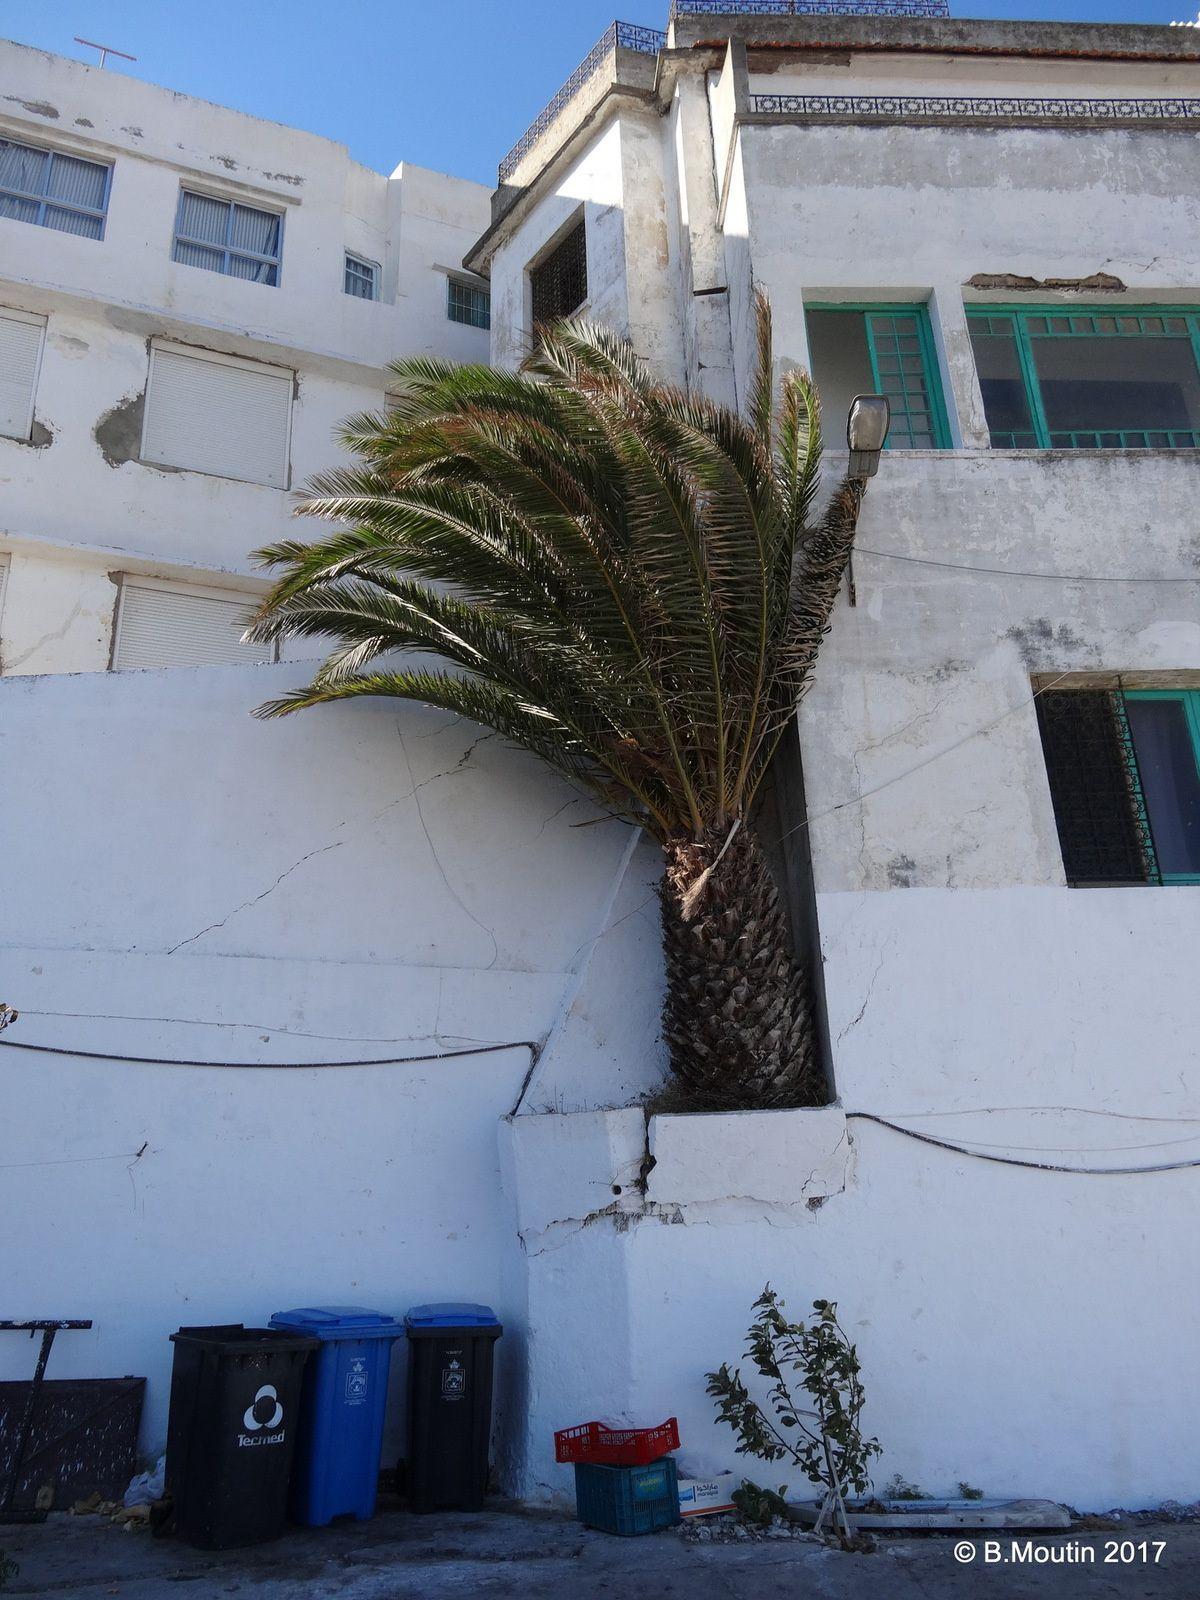 L'Hôtel Continental à Tanger (et son palmier encastré dans le mur)